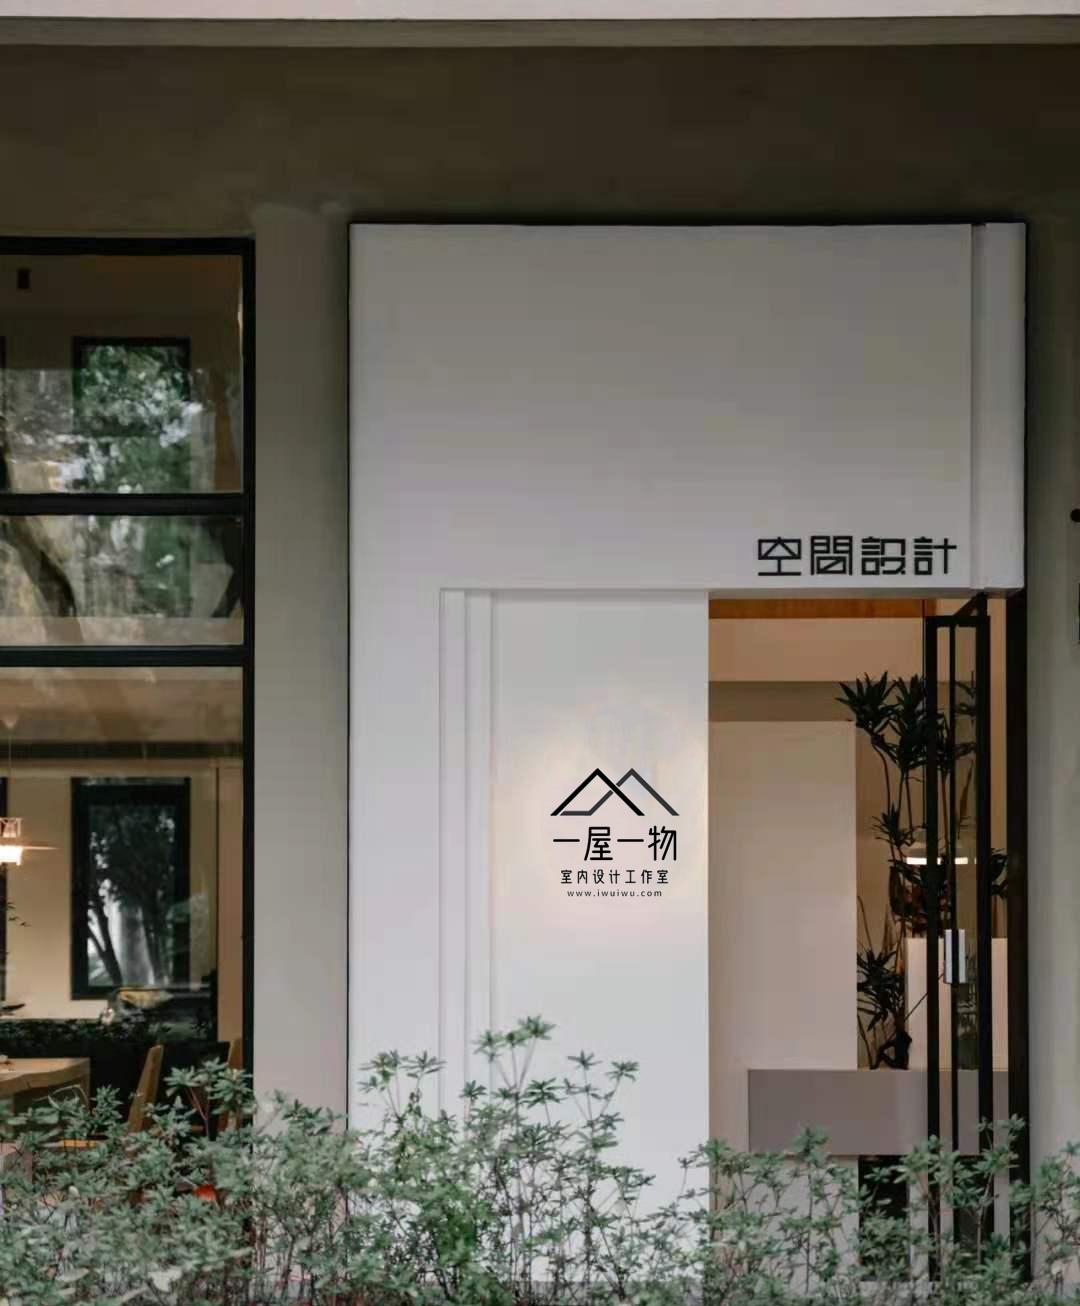 鹤壁一屋一物室内设计工作室——把设计做成了一件有意义的事情缩略图fbf25df1252fe115a199ea5a709b7f4.jpg硬装设计、装修知识、鹤壁装修